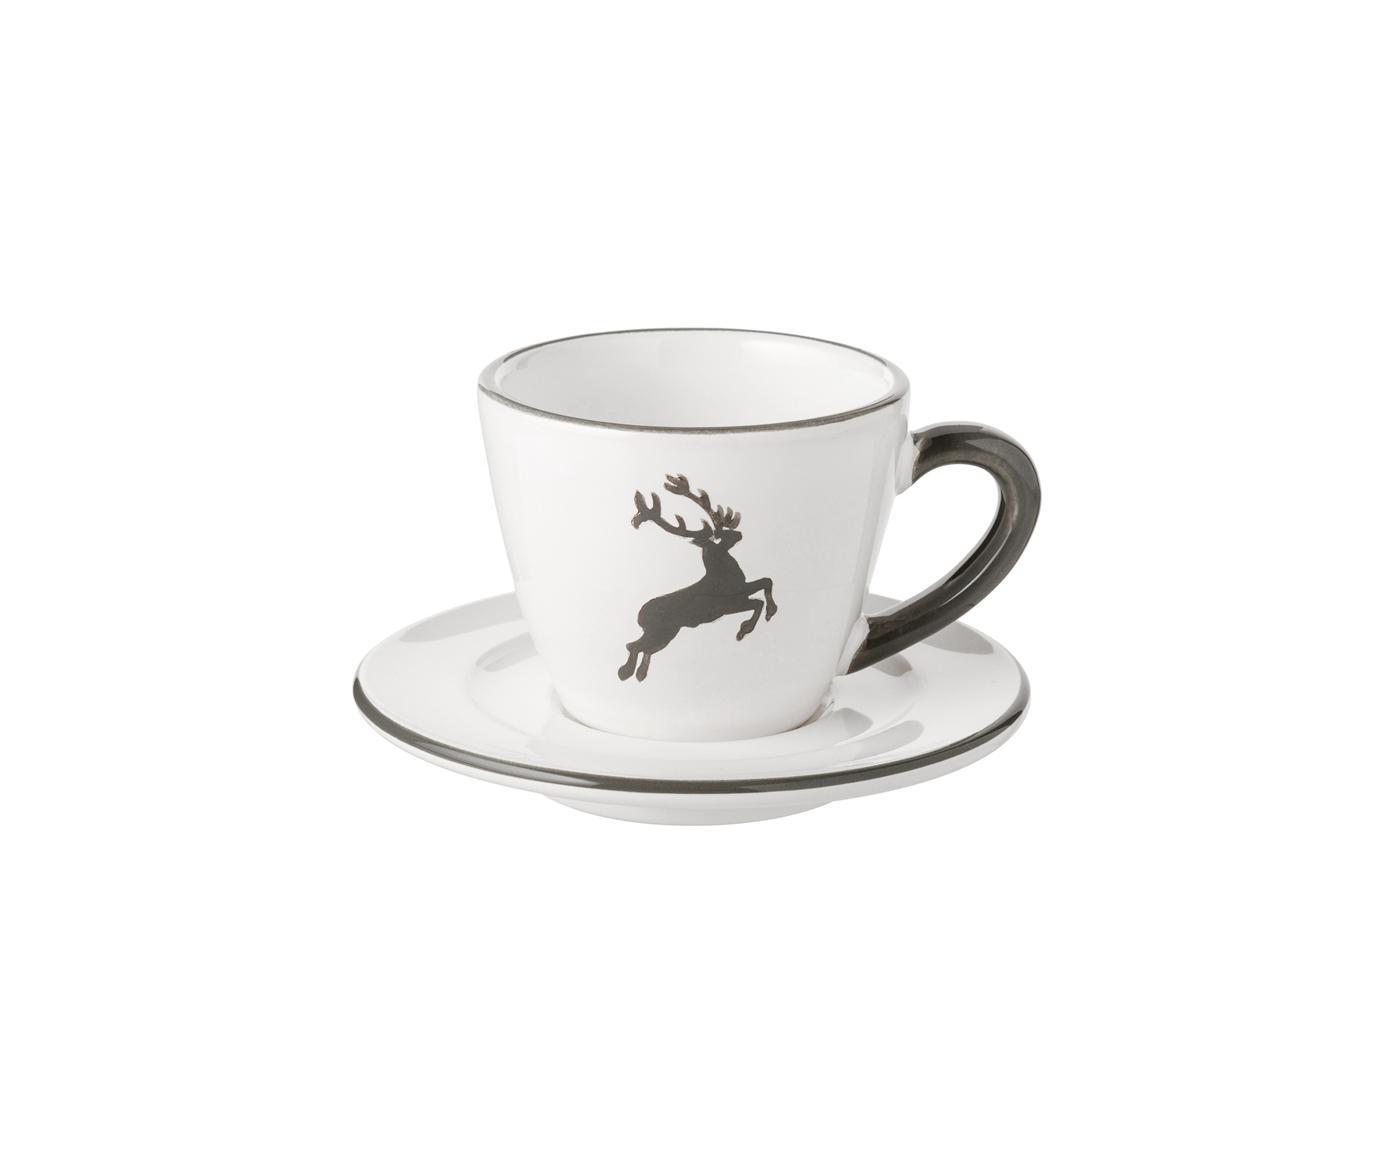 Tazzina da caffè espresso con piattino Gourmet Grauer Hirsch, Ceramica, Grigio, bianco, 60 ml